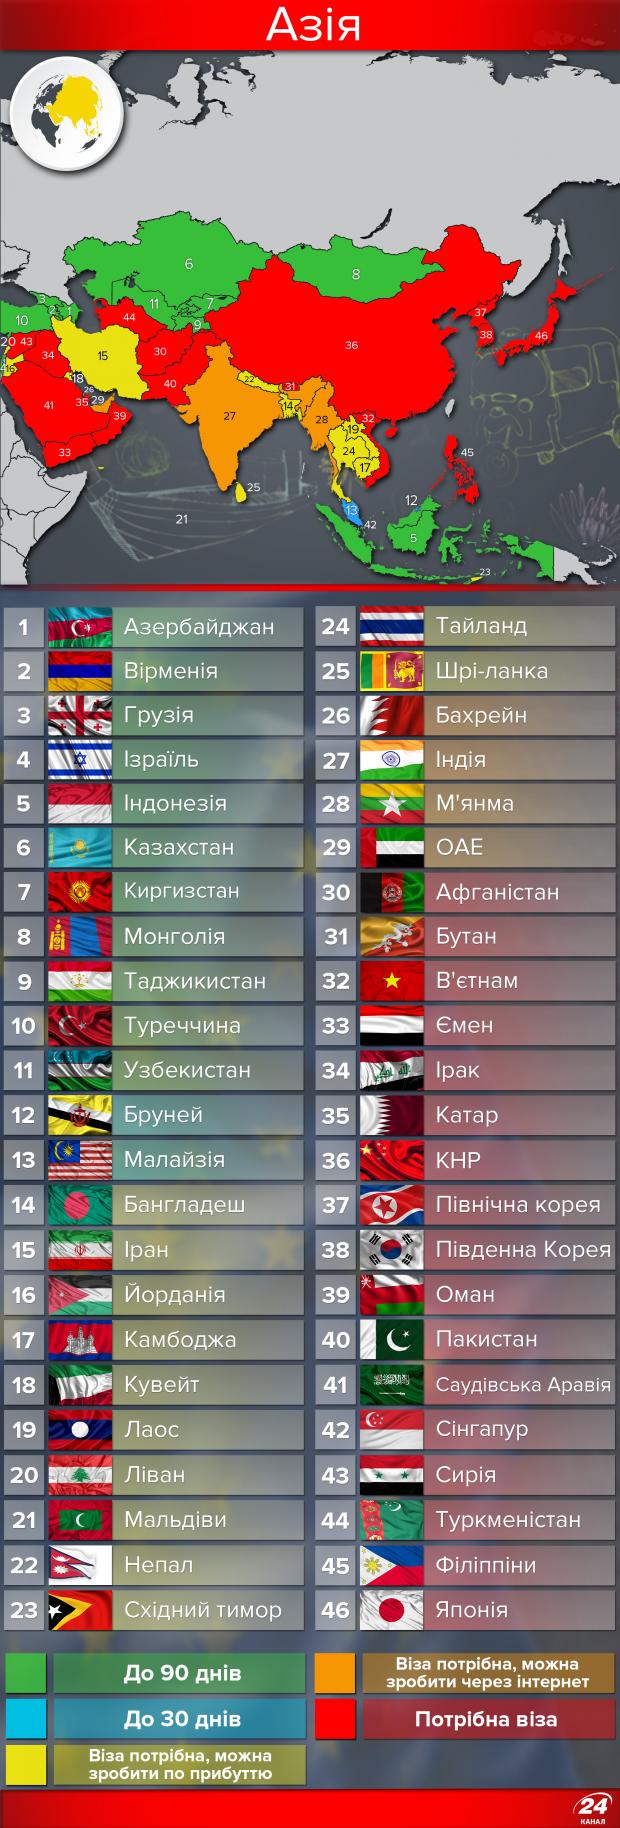 Безвізові країни для українців 2017 повний список